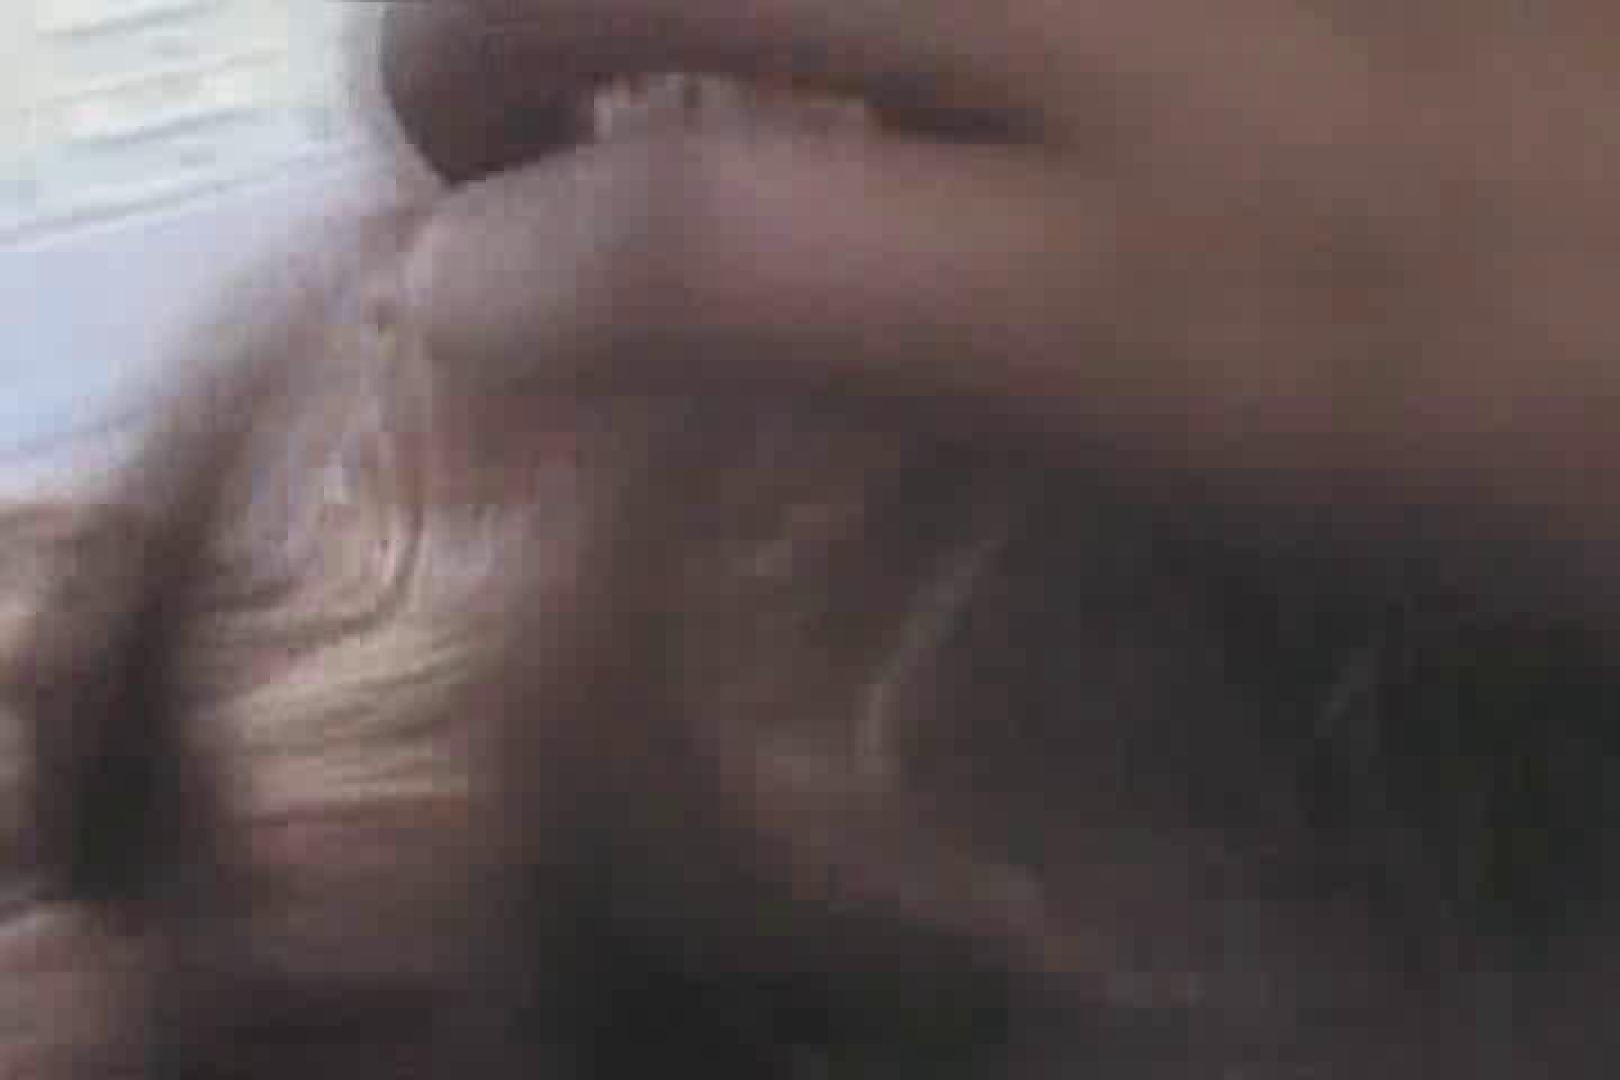 ぶっ掛け電車 只今運行中Vol.2 全裸 | OLすけべ画像  83連発 25